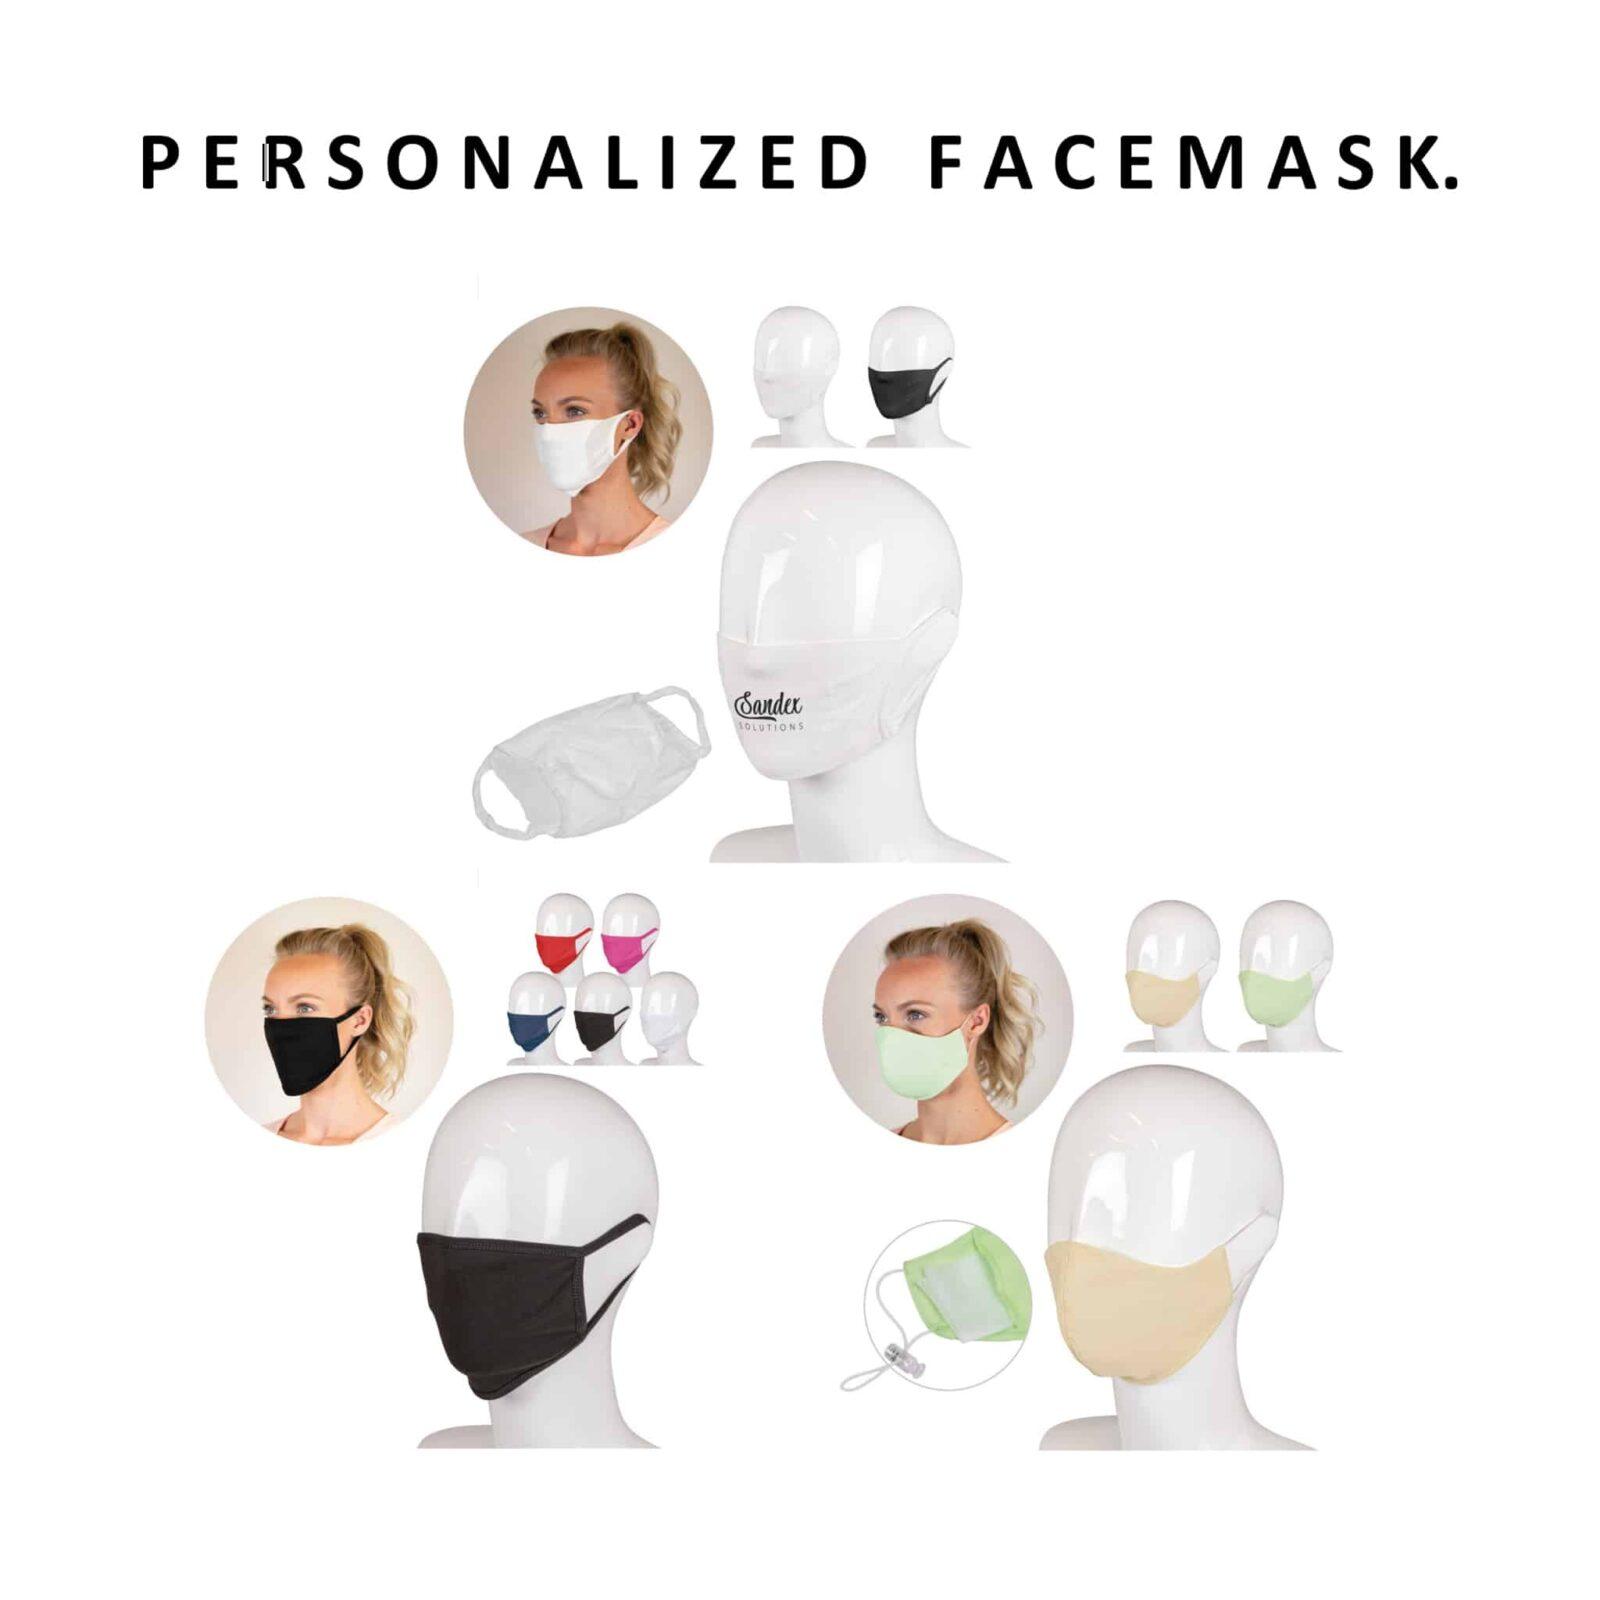 TILBUD_personalizedfacemask_V2